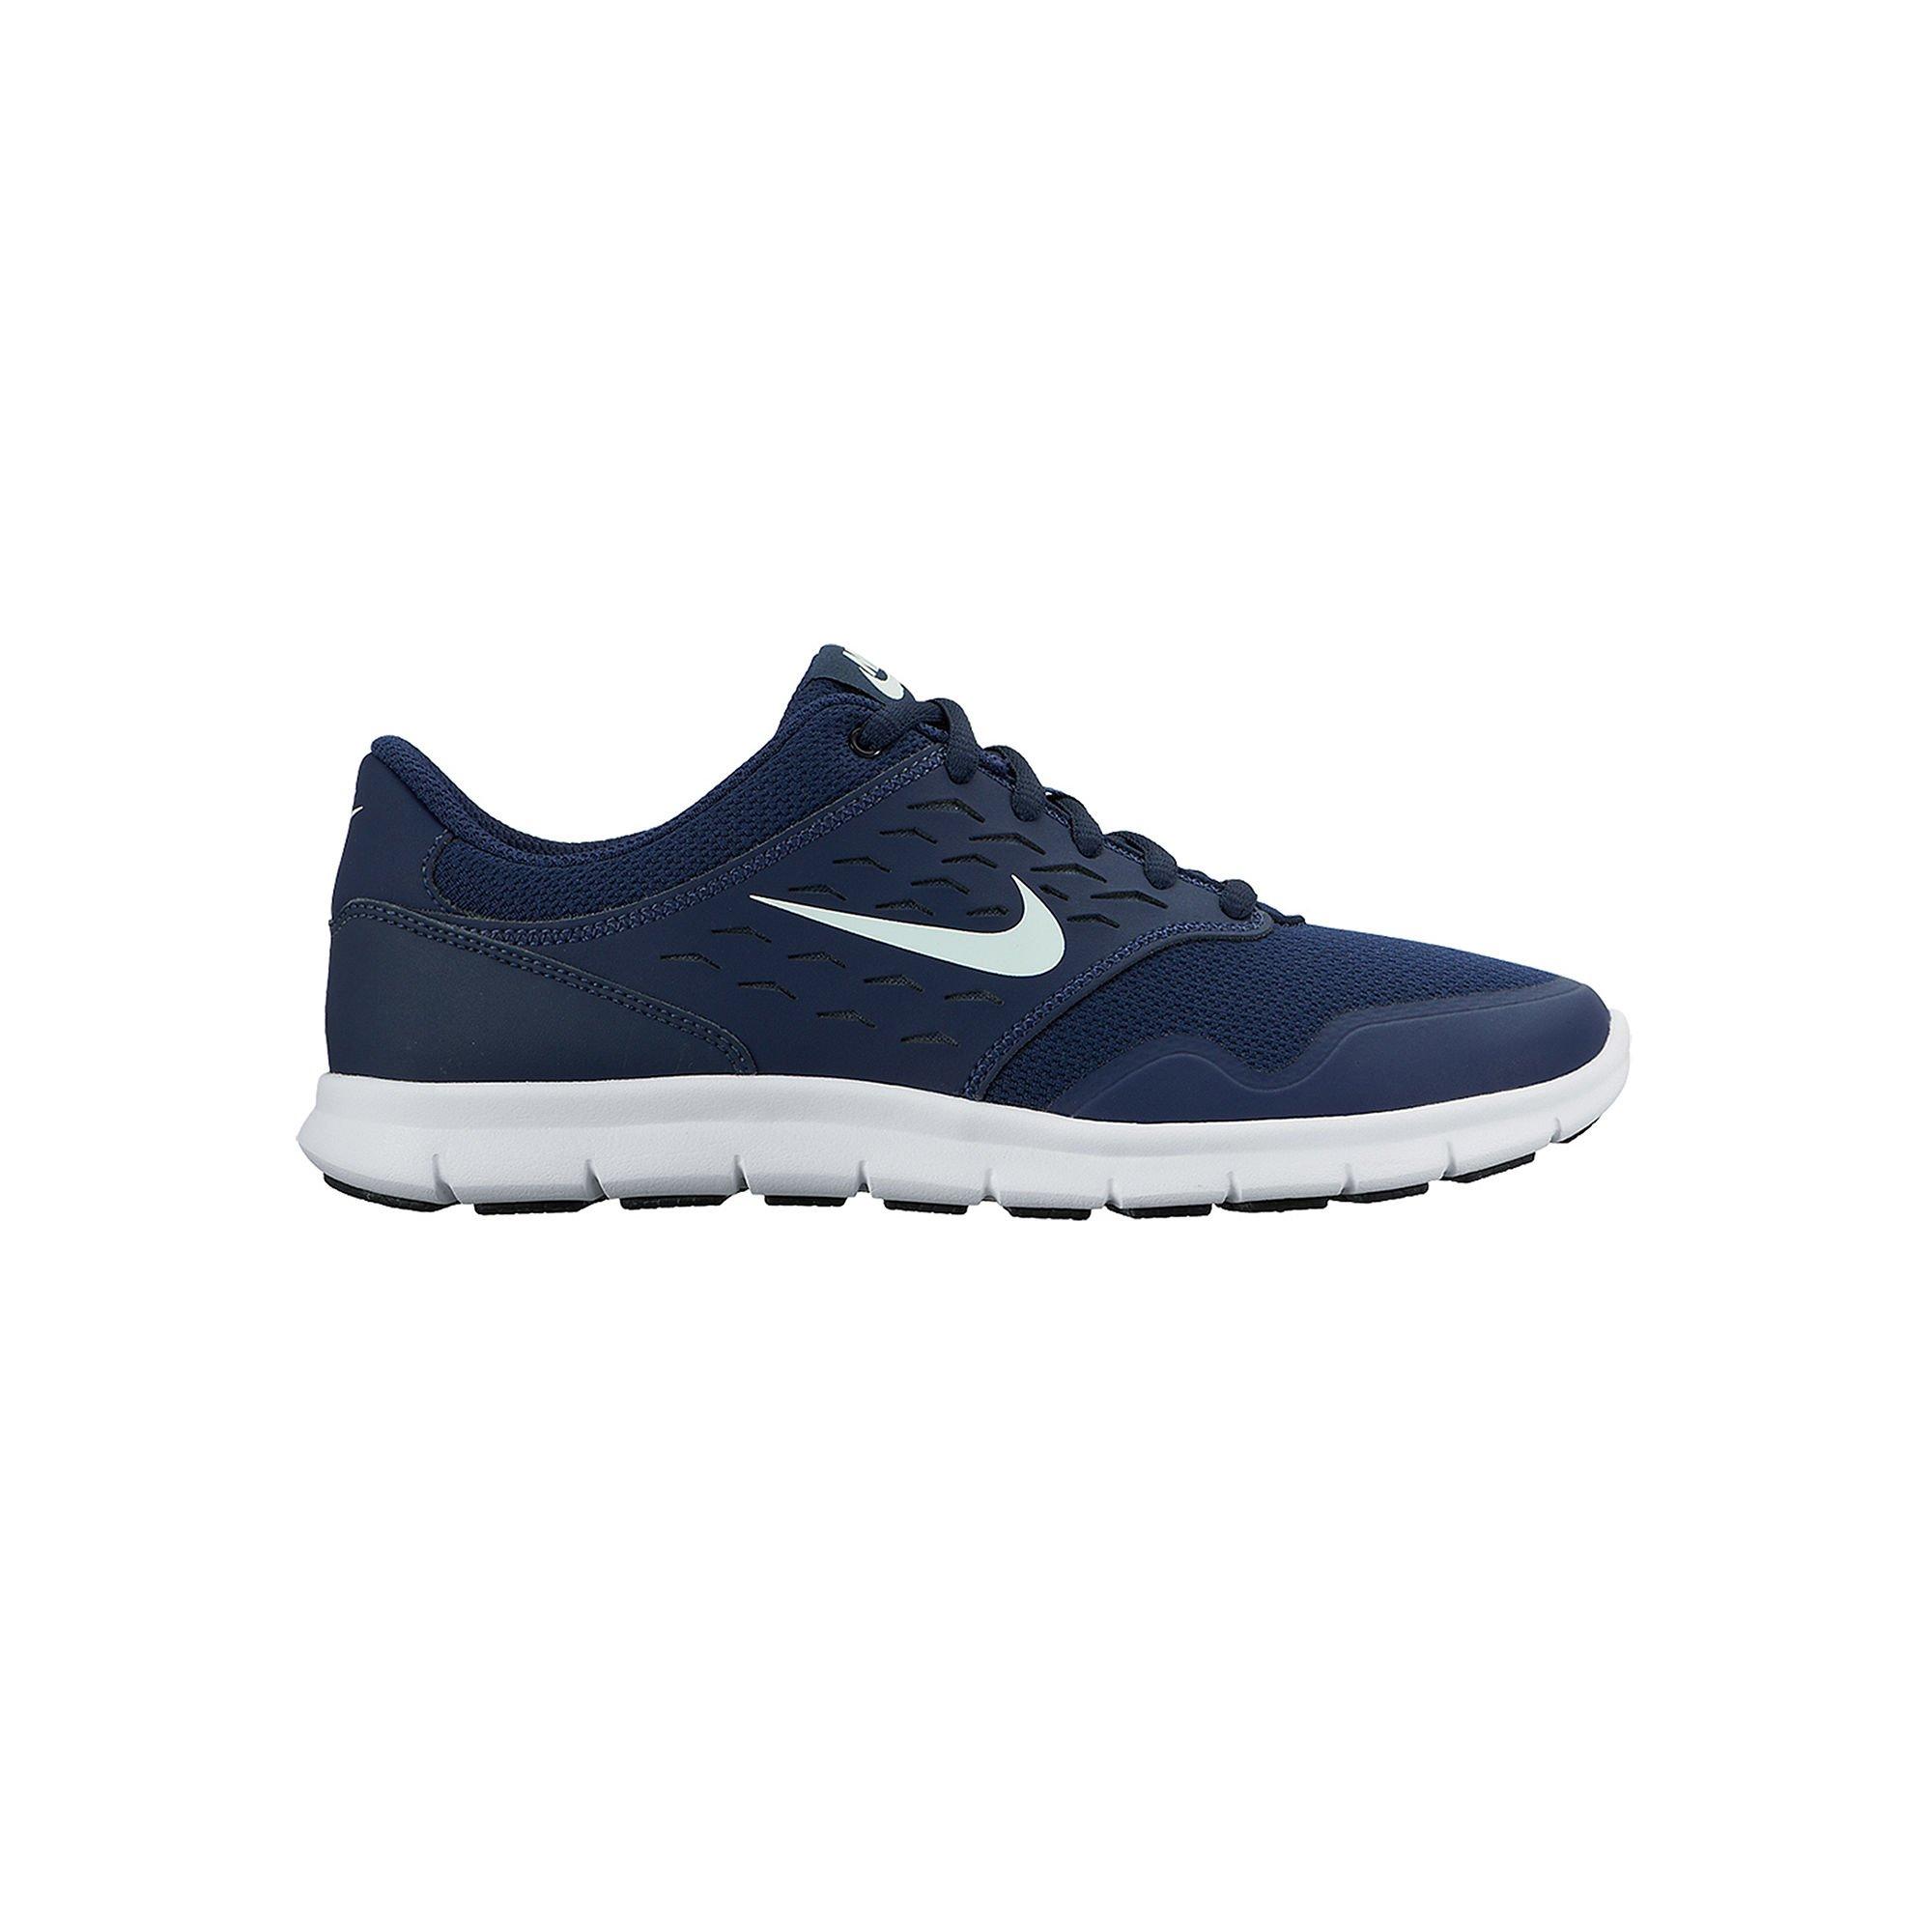 Nike Women's Orive Nm Midnight Navy/Fiberglass/White Running Shoe 6.5 Women US